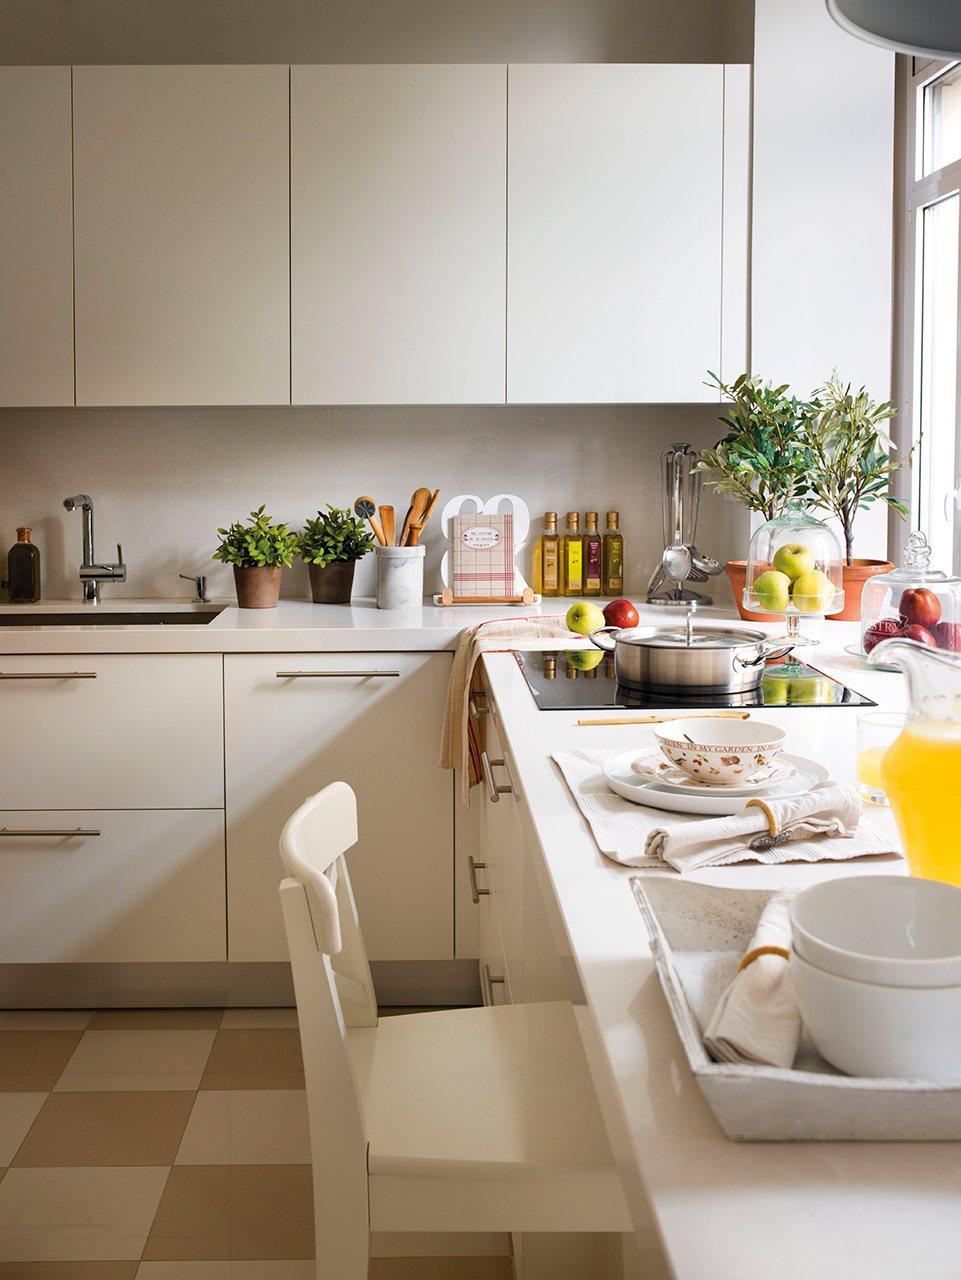 Ideas Para Aprovechar El Espacio En Las Cocinas Peque As # Muebles Pequenos Para Cocina